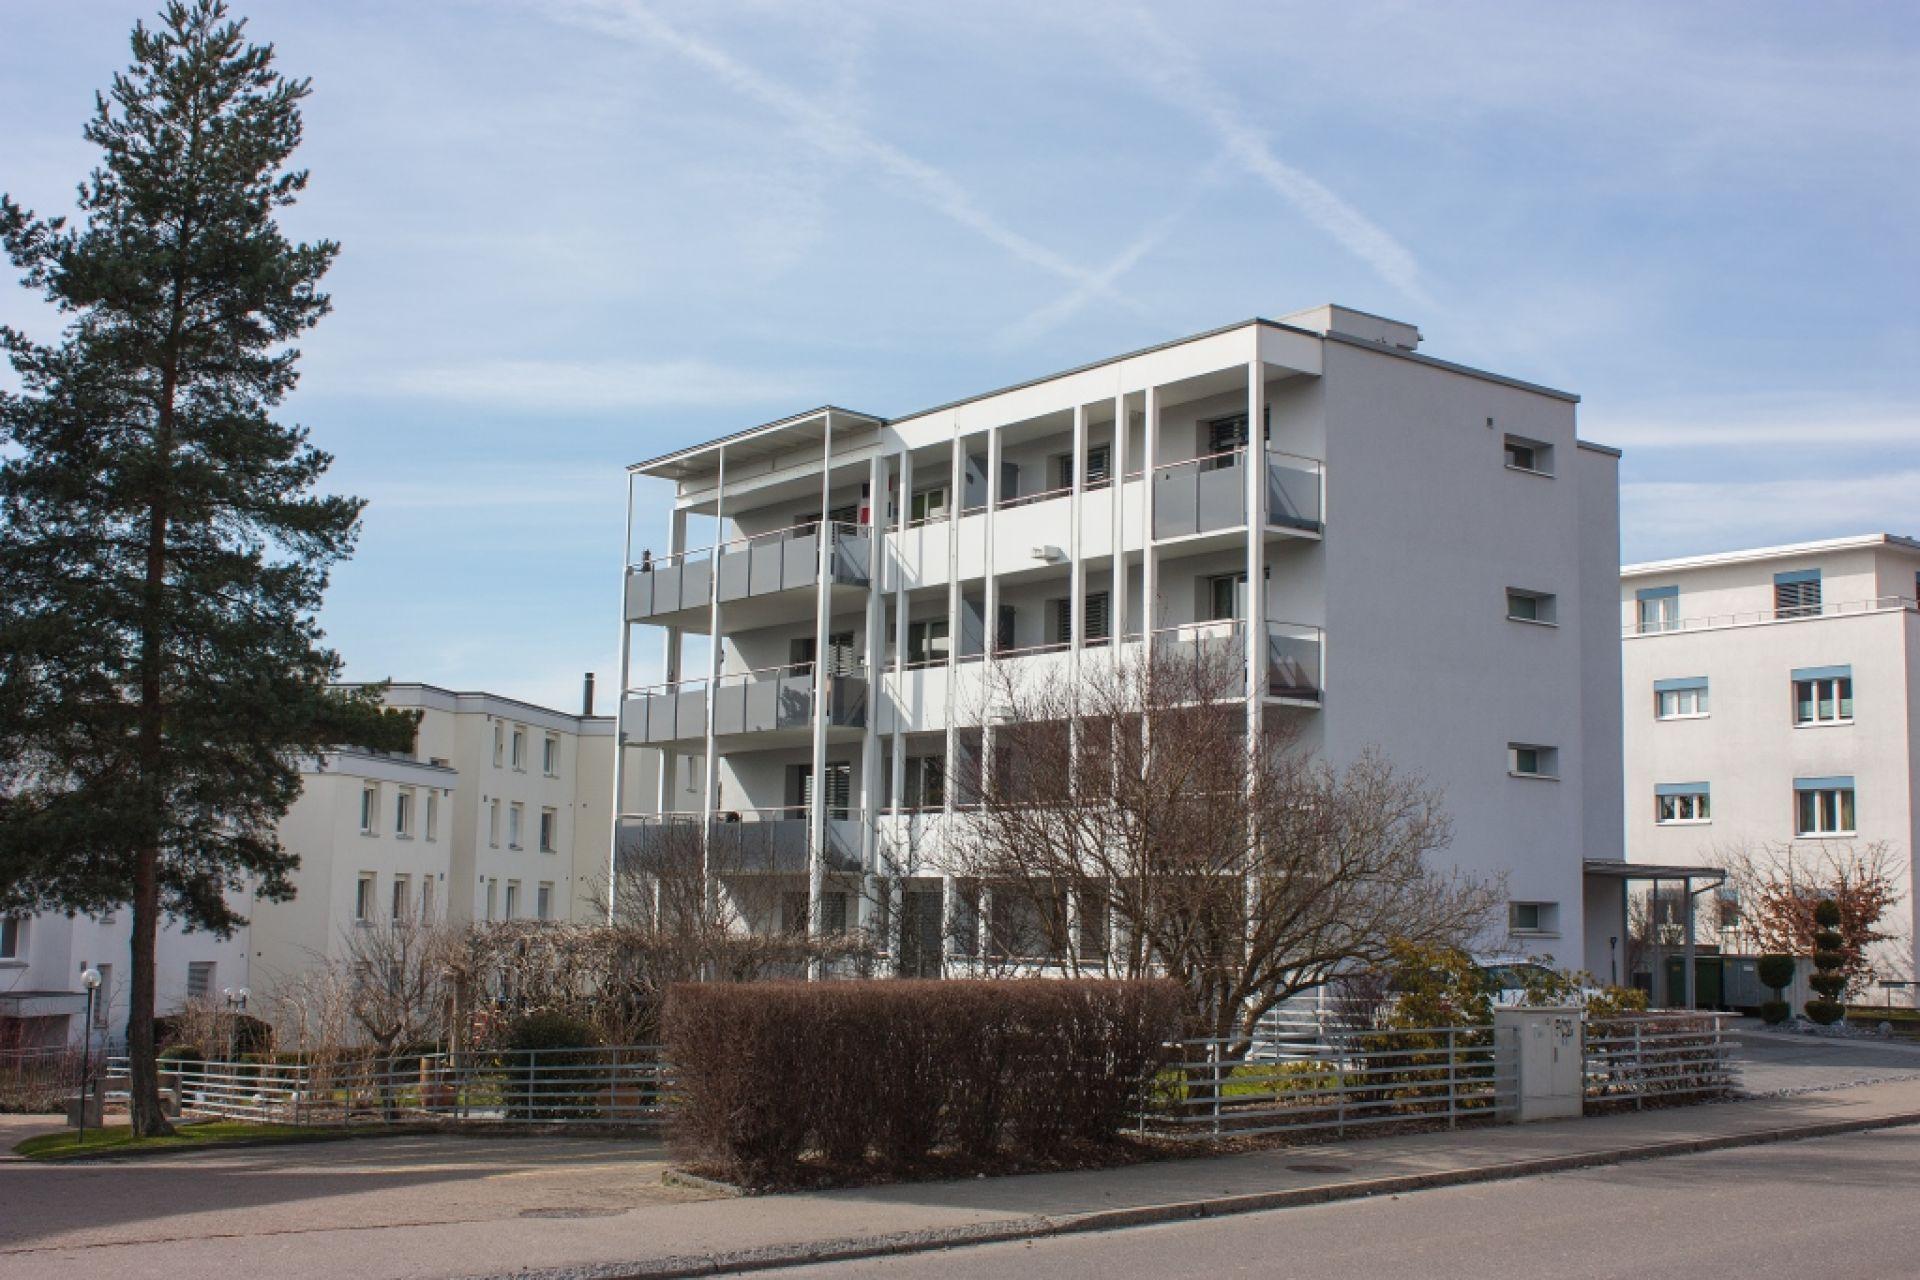 Wohnung mit sonnigem Balkon in der Nähe Dorfkern